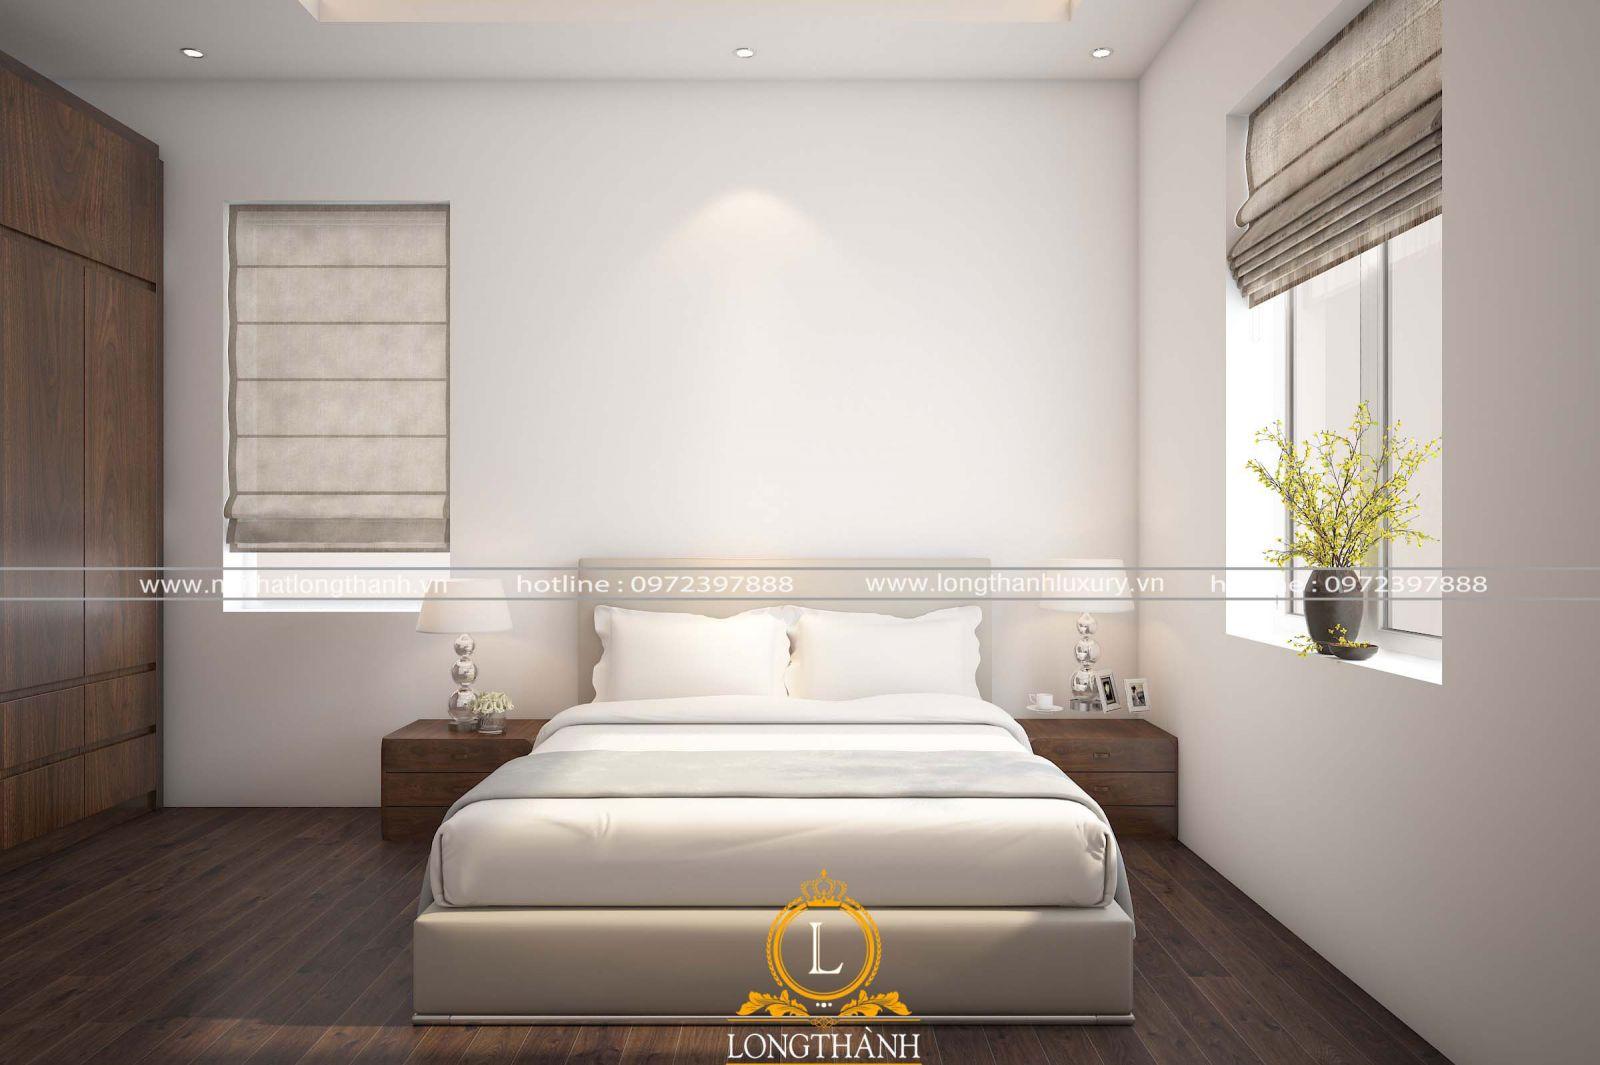 Căn phòng ngủ nhỏ được thiết kế theo phong cách hiện đại